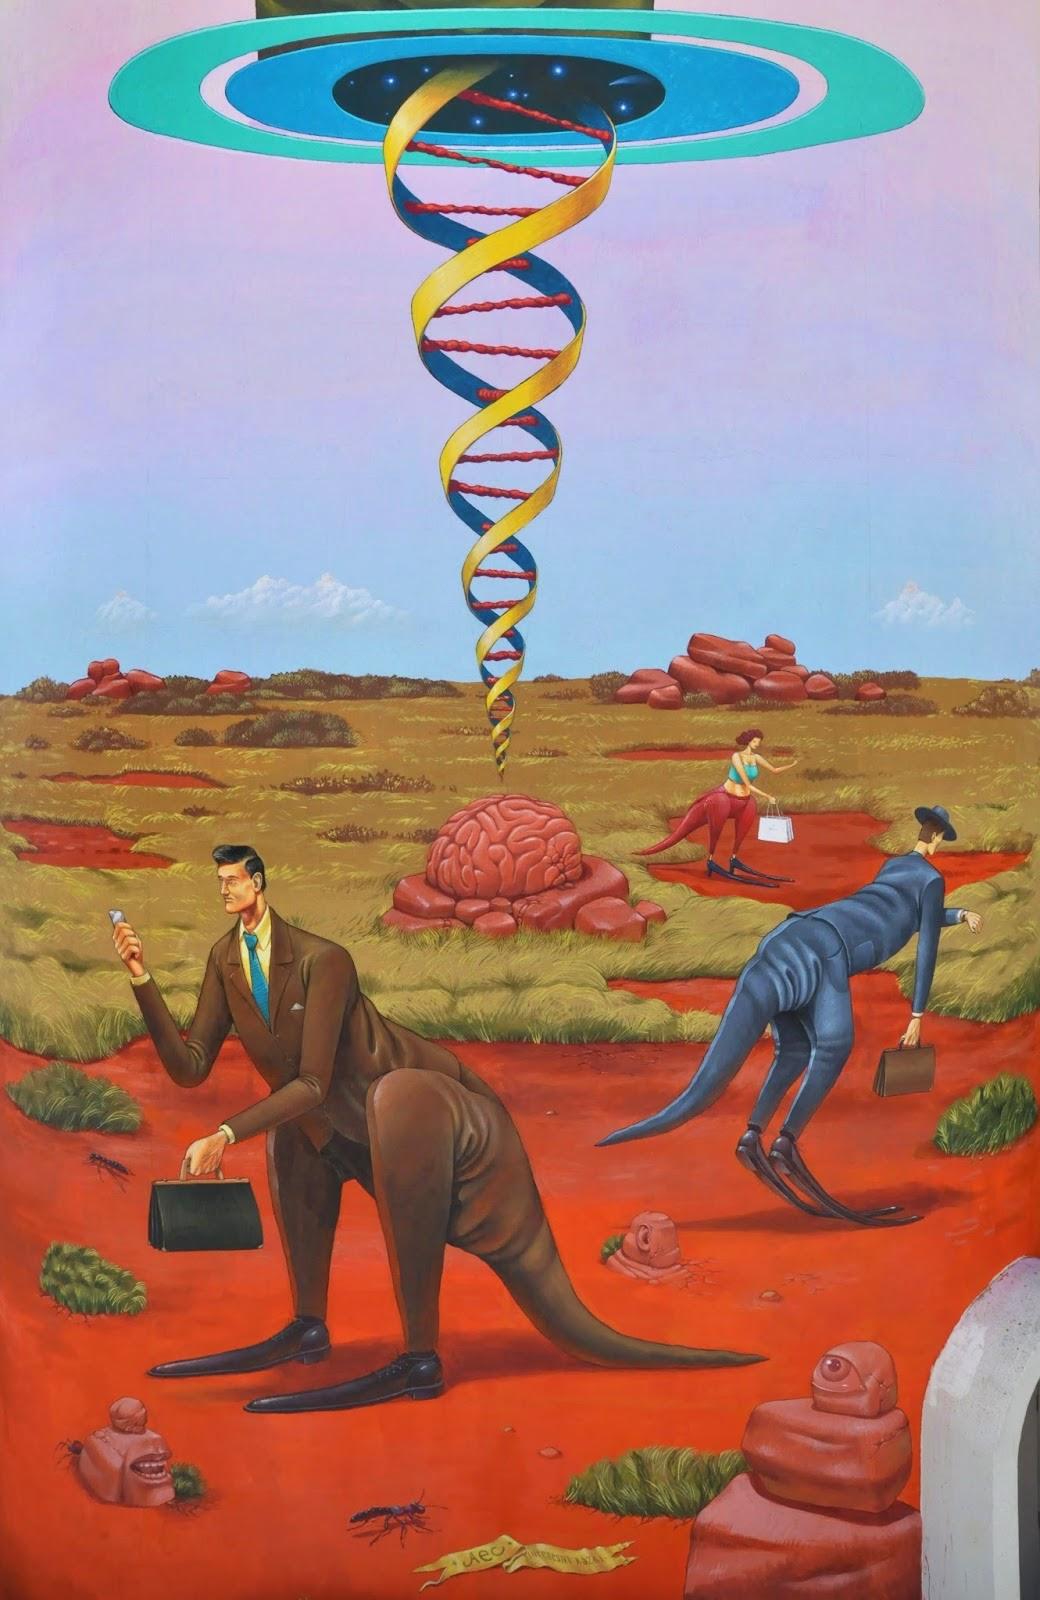 Memory of the land a new mural by aec interesni kazki in for Australian mural